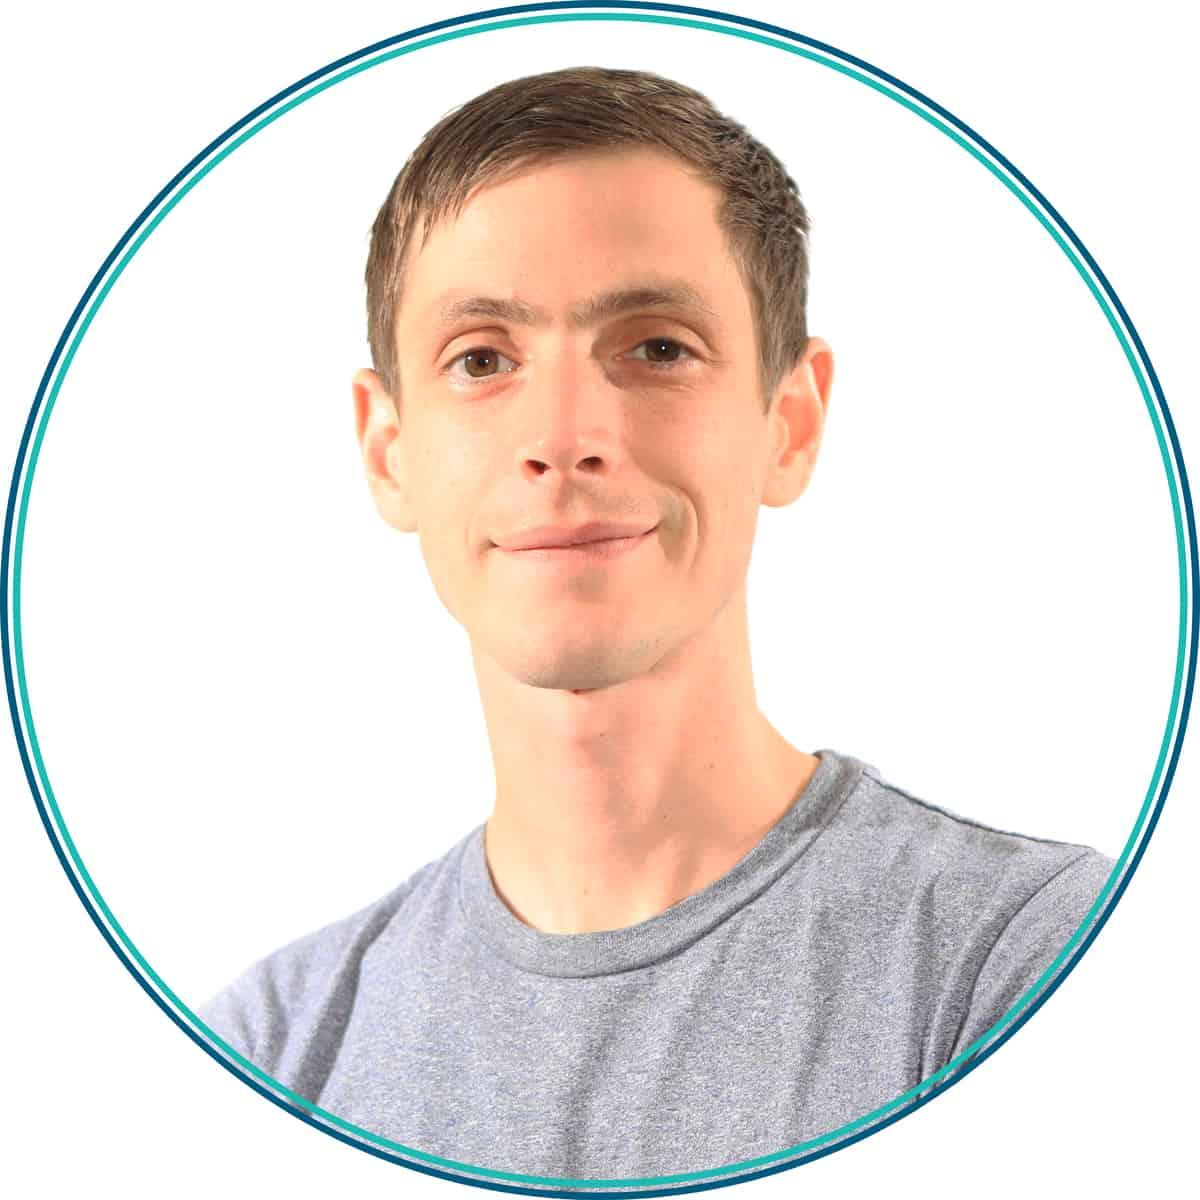 Headshot of Peter Rand